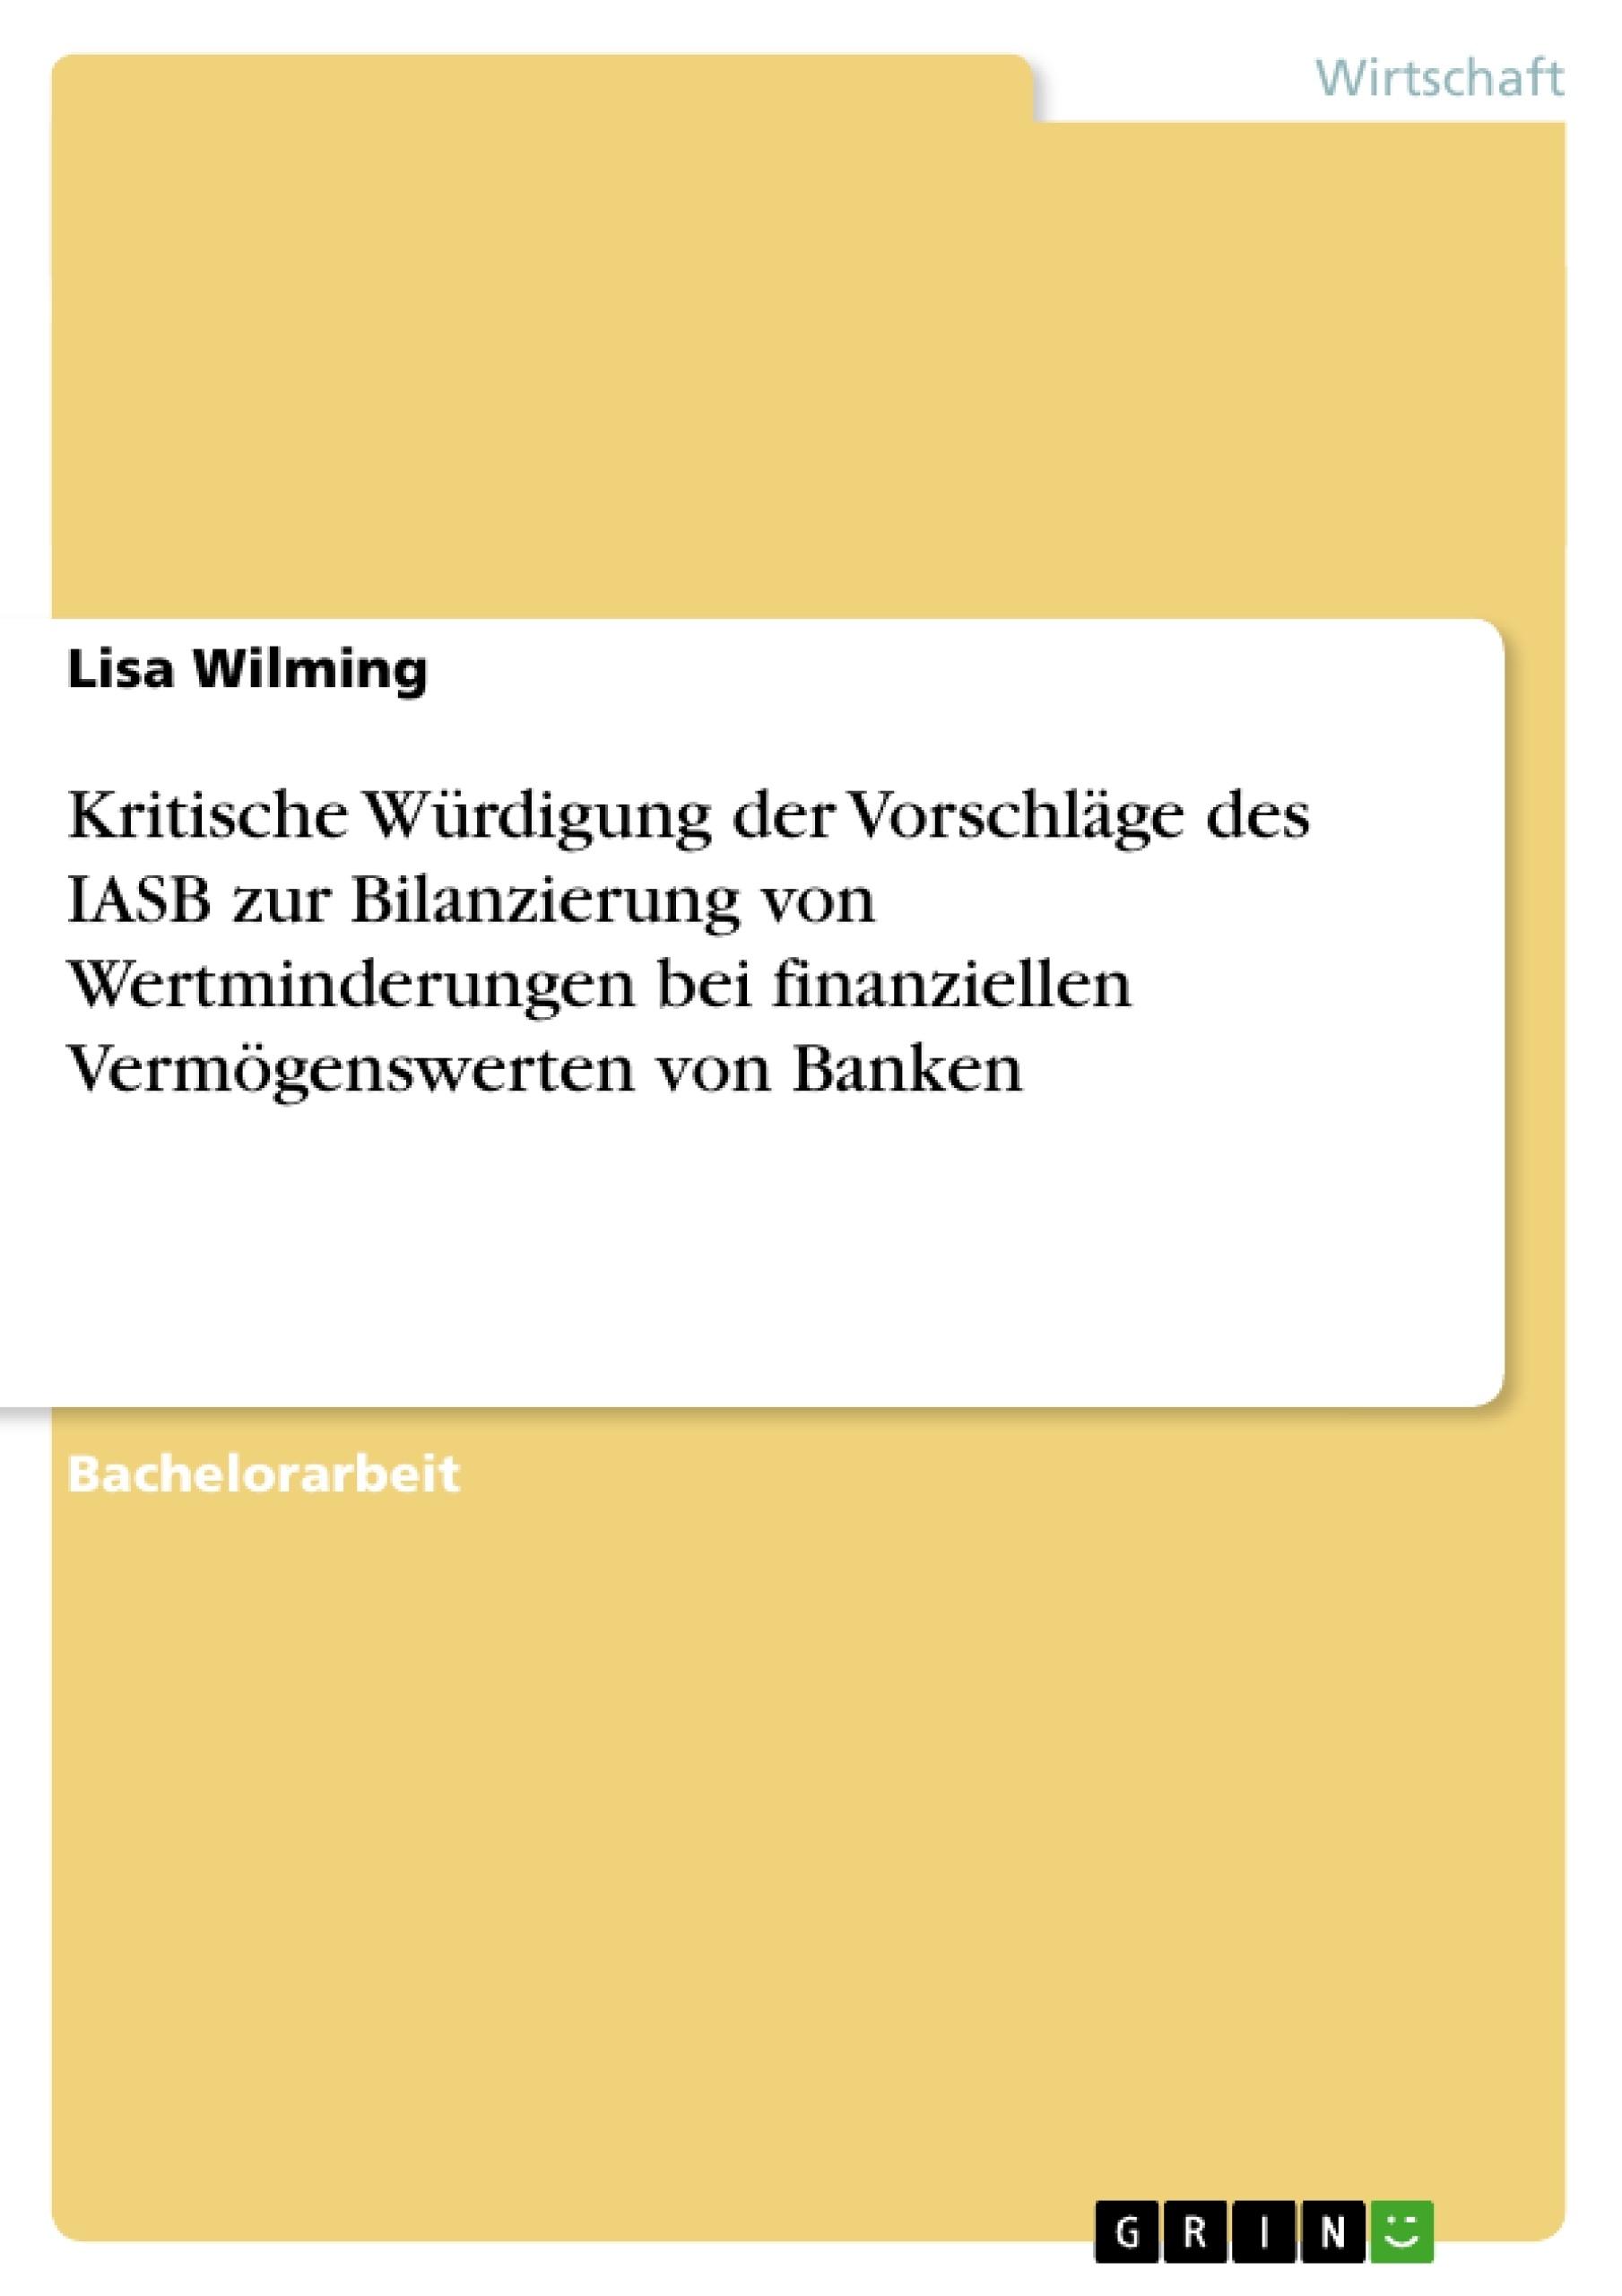 Titel: Kritische Würdigung der Vorschläge des IASB zur Bilanzierung von Wertminderungen bei finanziellen Vermögenswerten von Banken